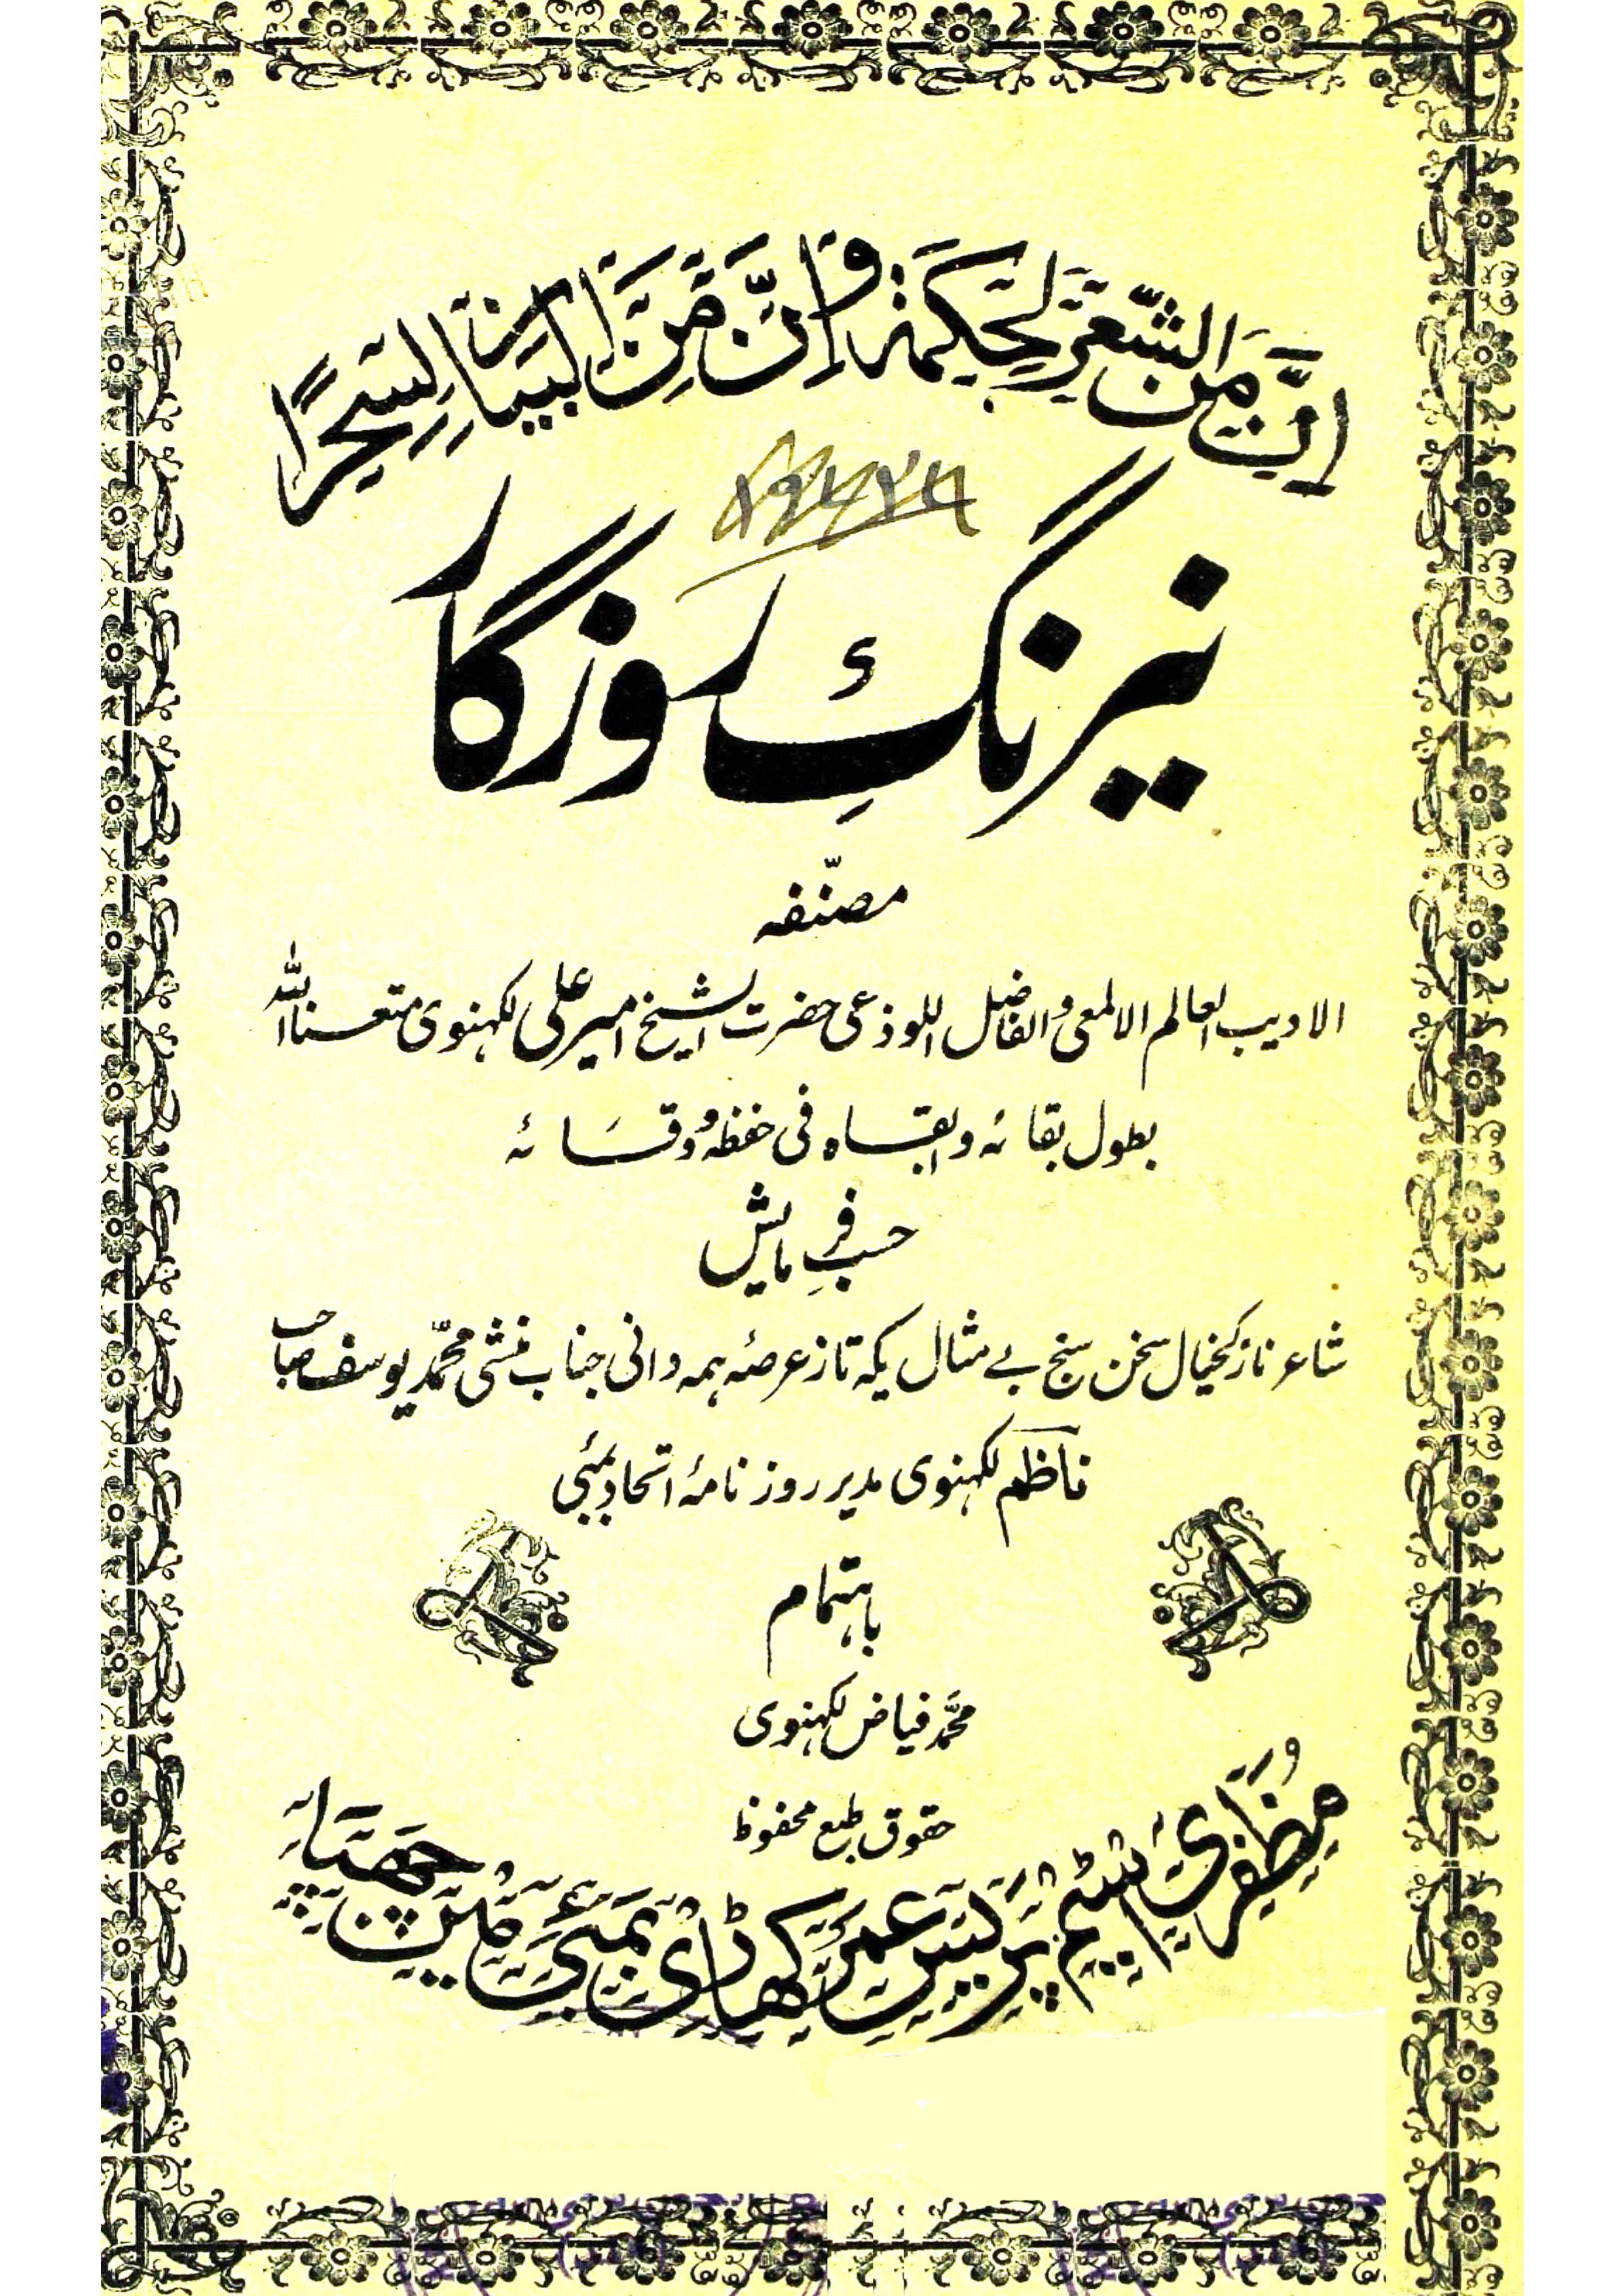 Nairang-e-Rozgar